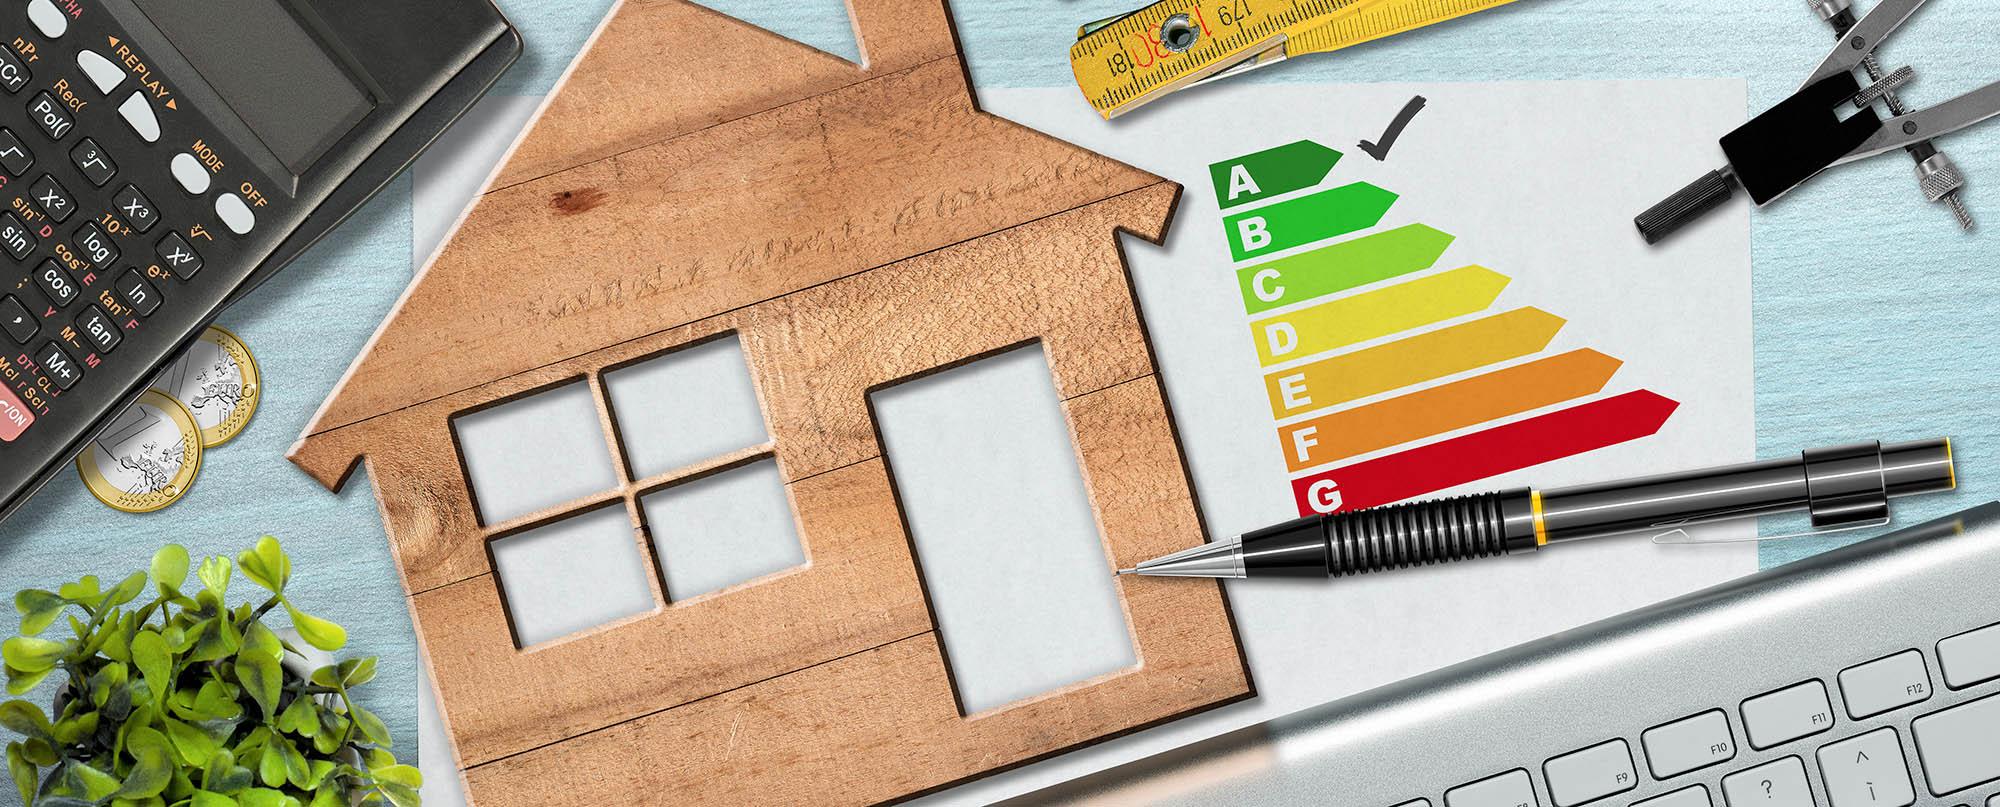 Öka din energieffektivitet med hjälp av ovk-besiktning i Stockholm